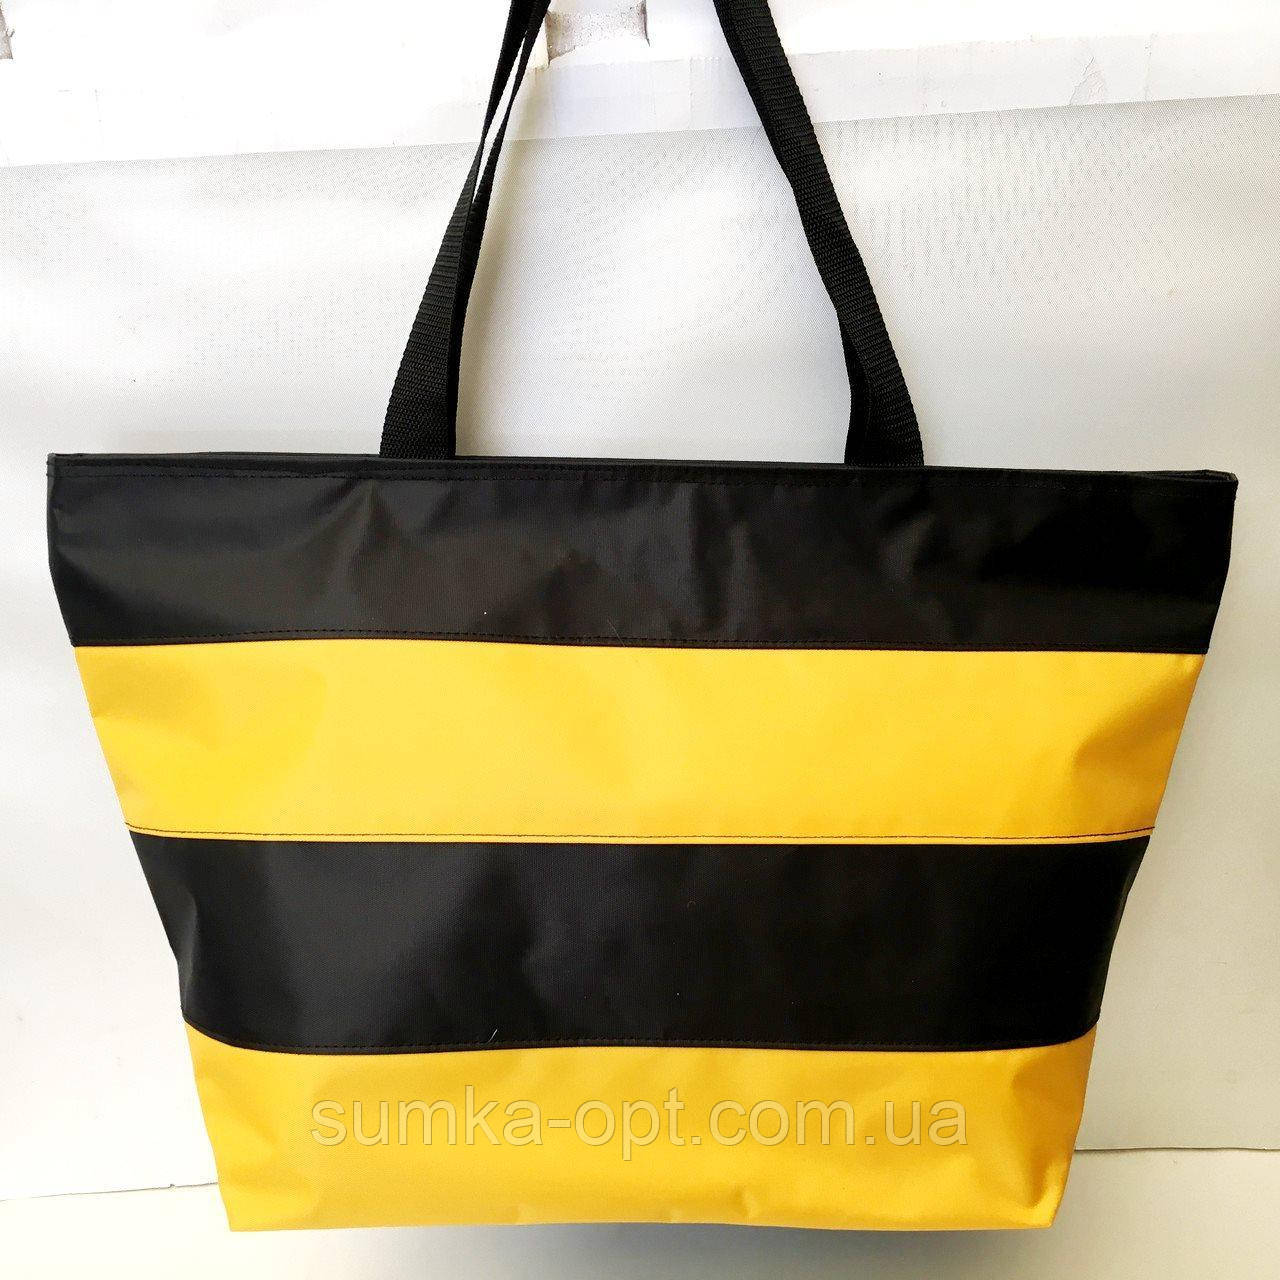 Универсальные сумки оптом для покупок (черный-желтый)34*55см